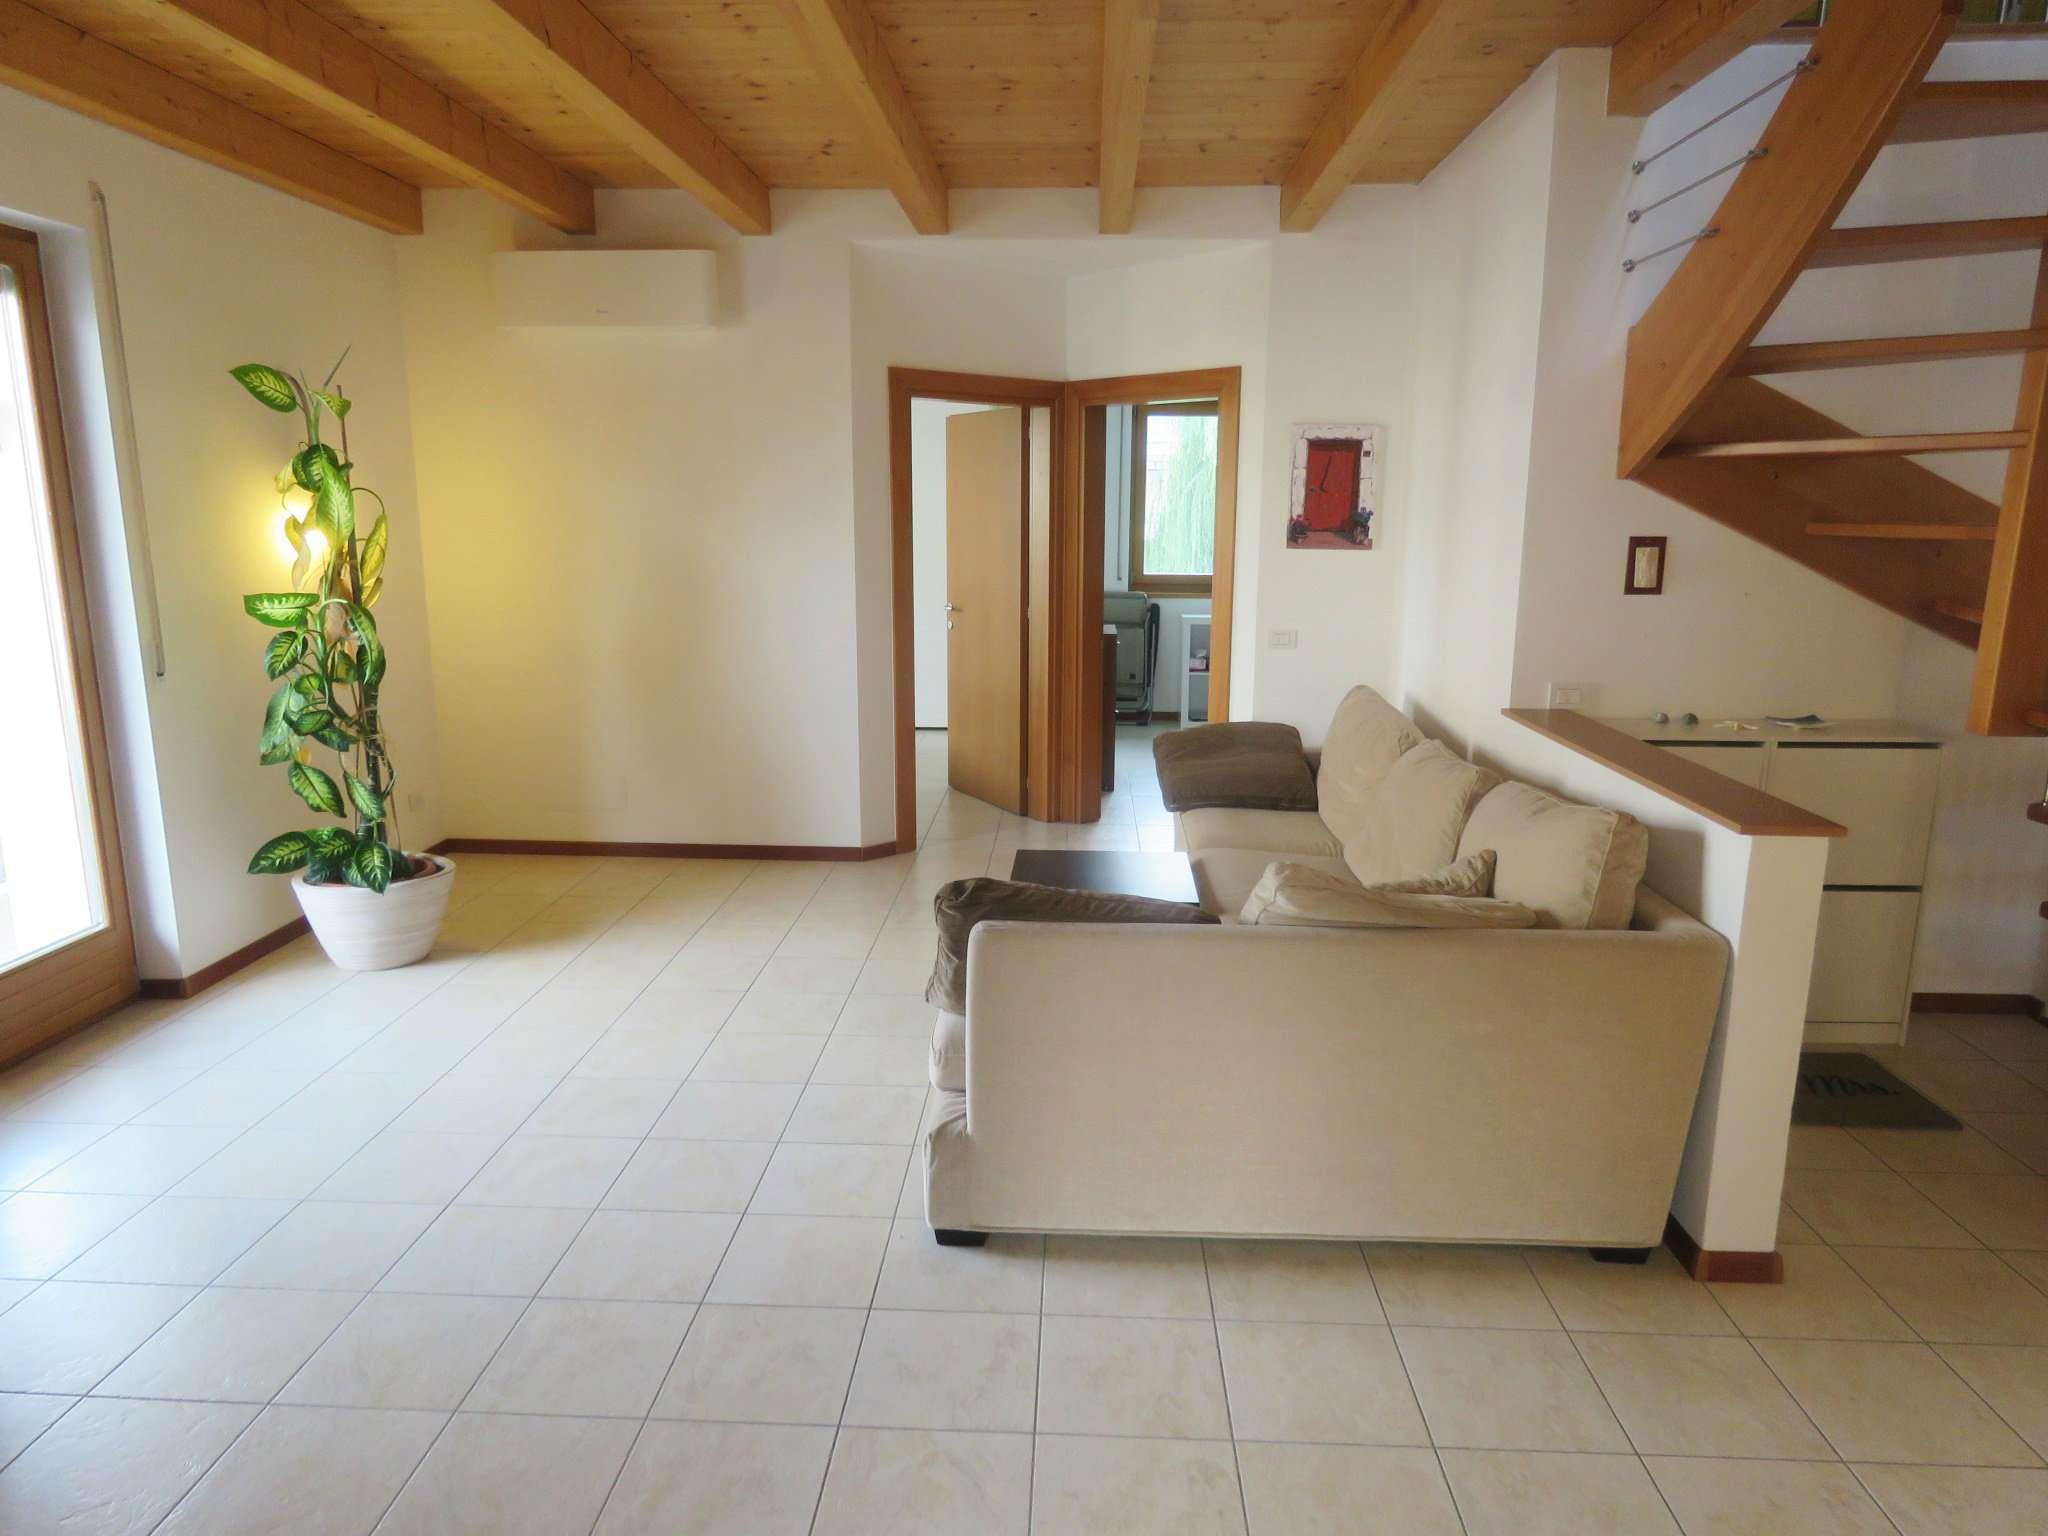 Attico / Mansarda in vendita a Salorno, 3 locali, prezzo € 270.000 | Cambio Casa.it